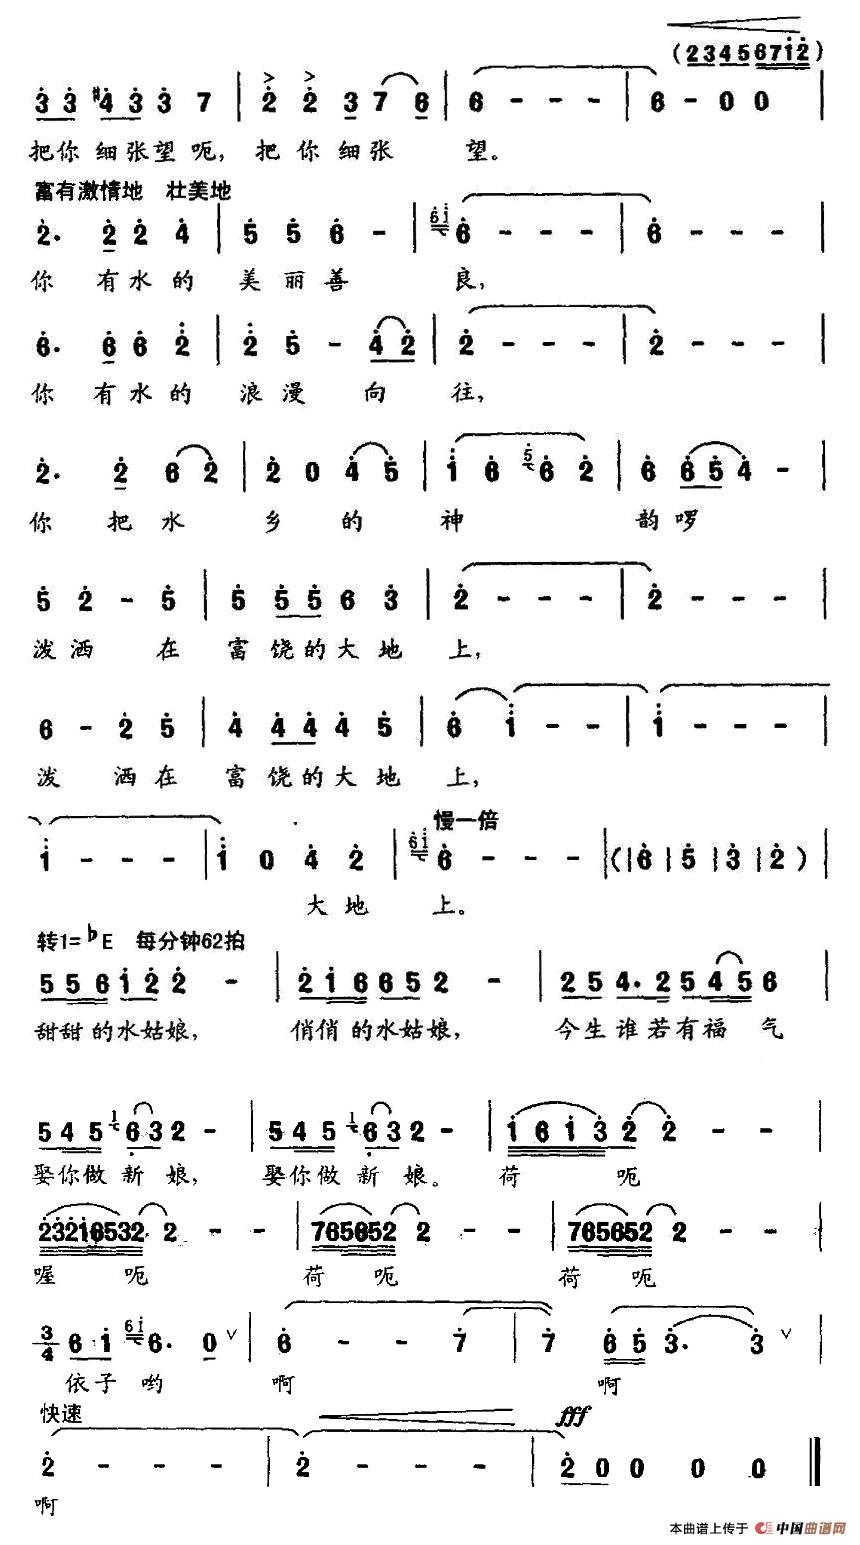 雷佳国泰民安歌谱